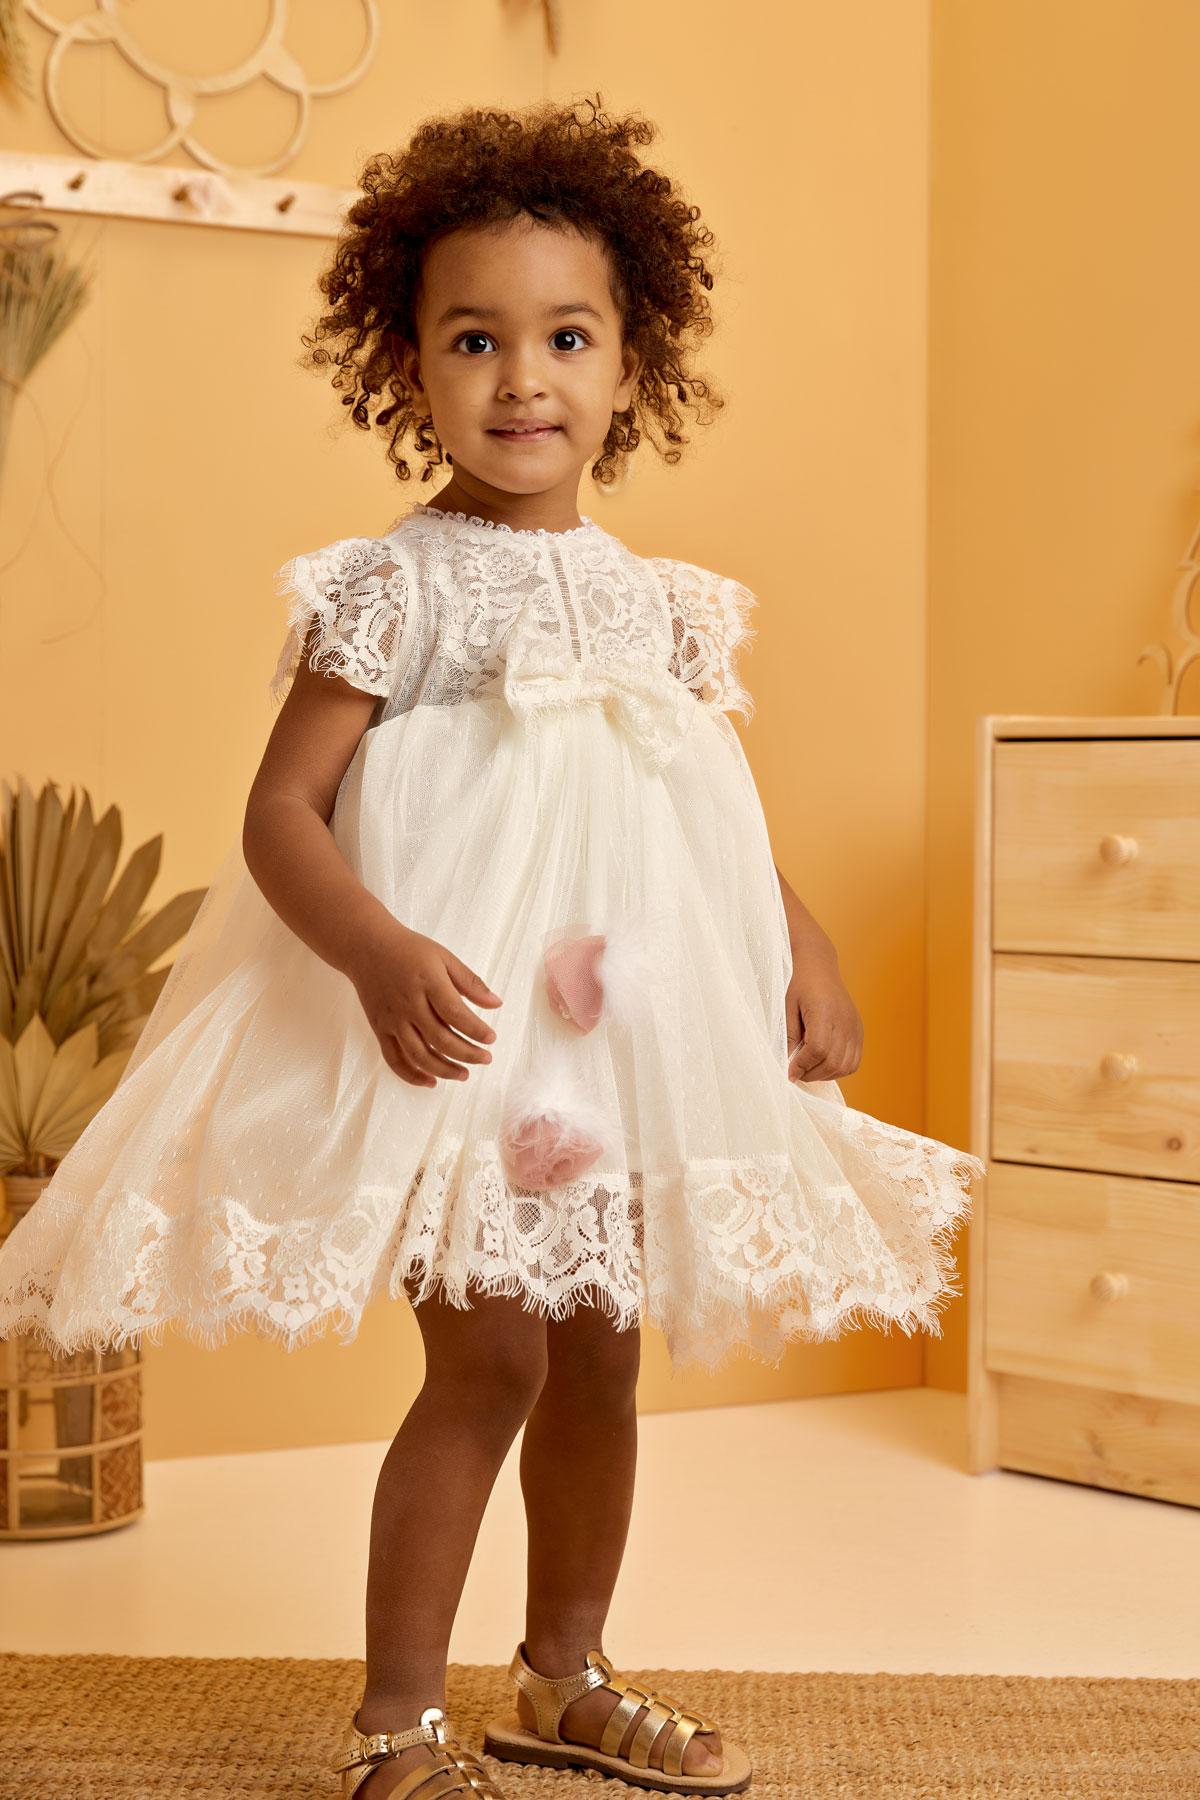 Βαπτιστικό φόρεμα μαραμπού με σάπιο μήλο λουλούδι